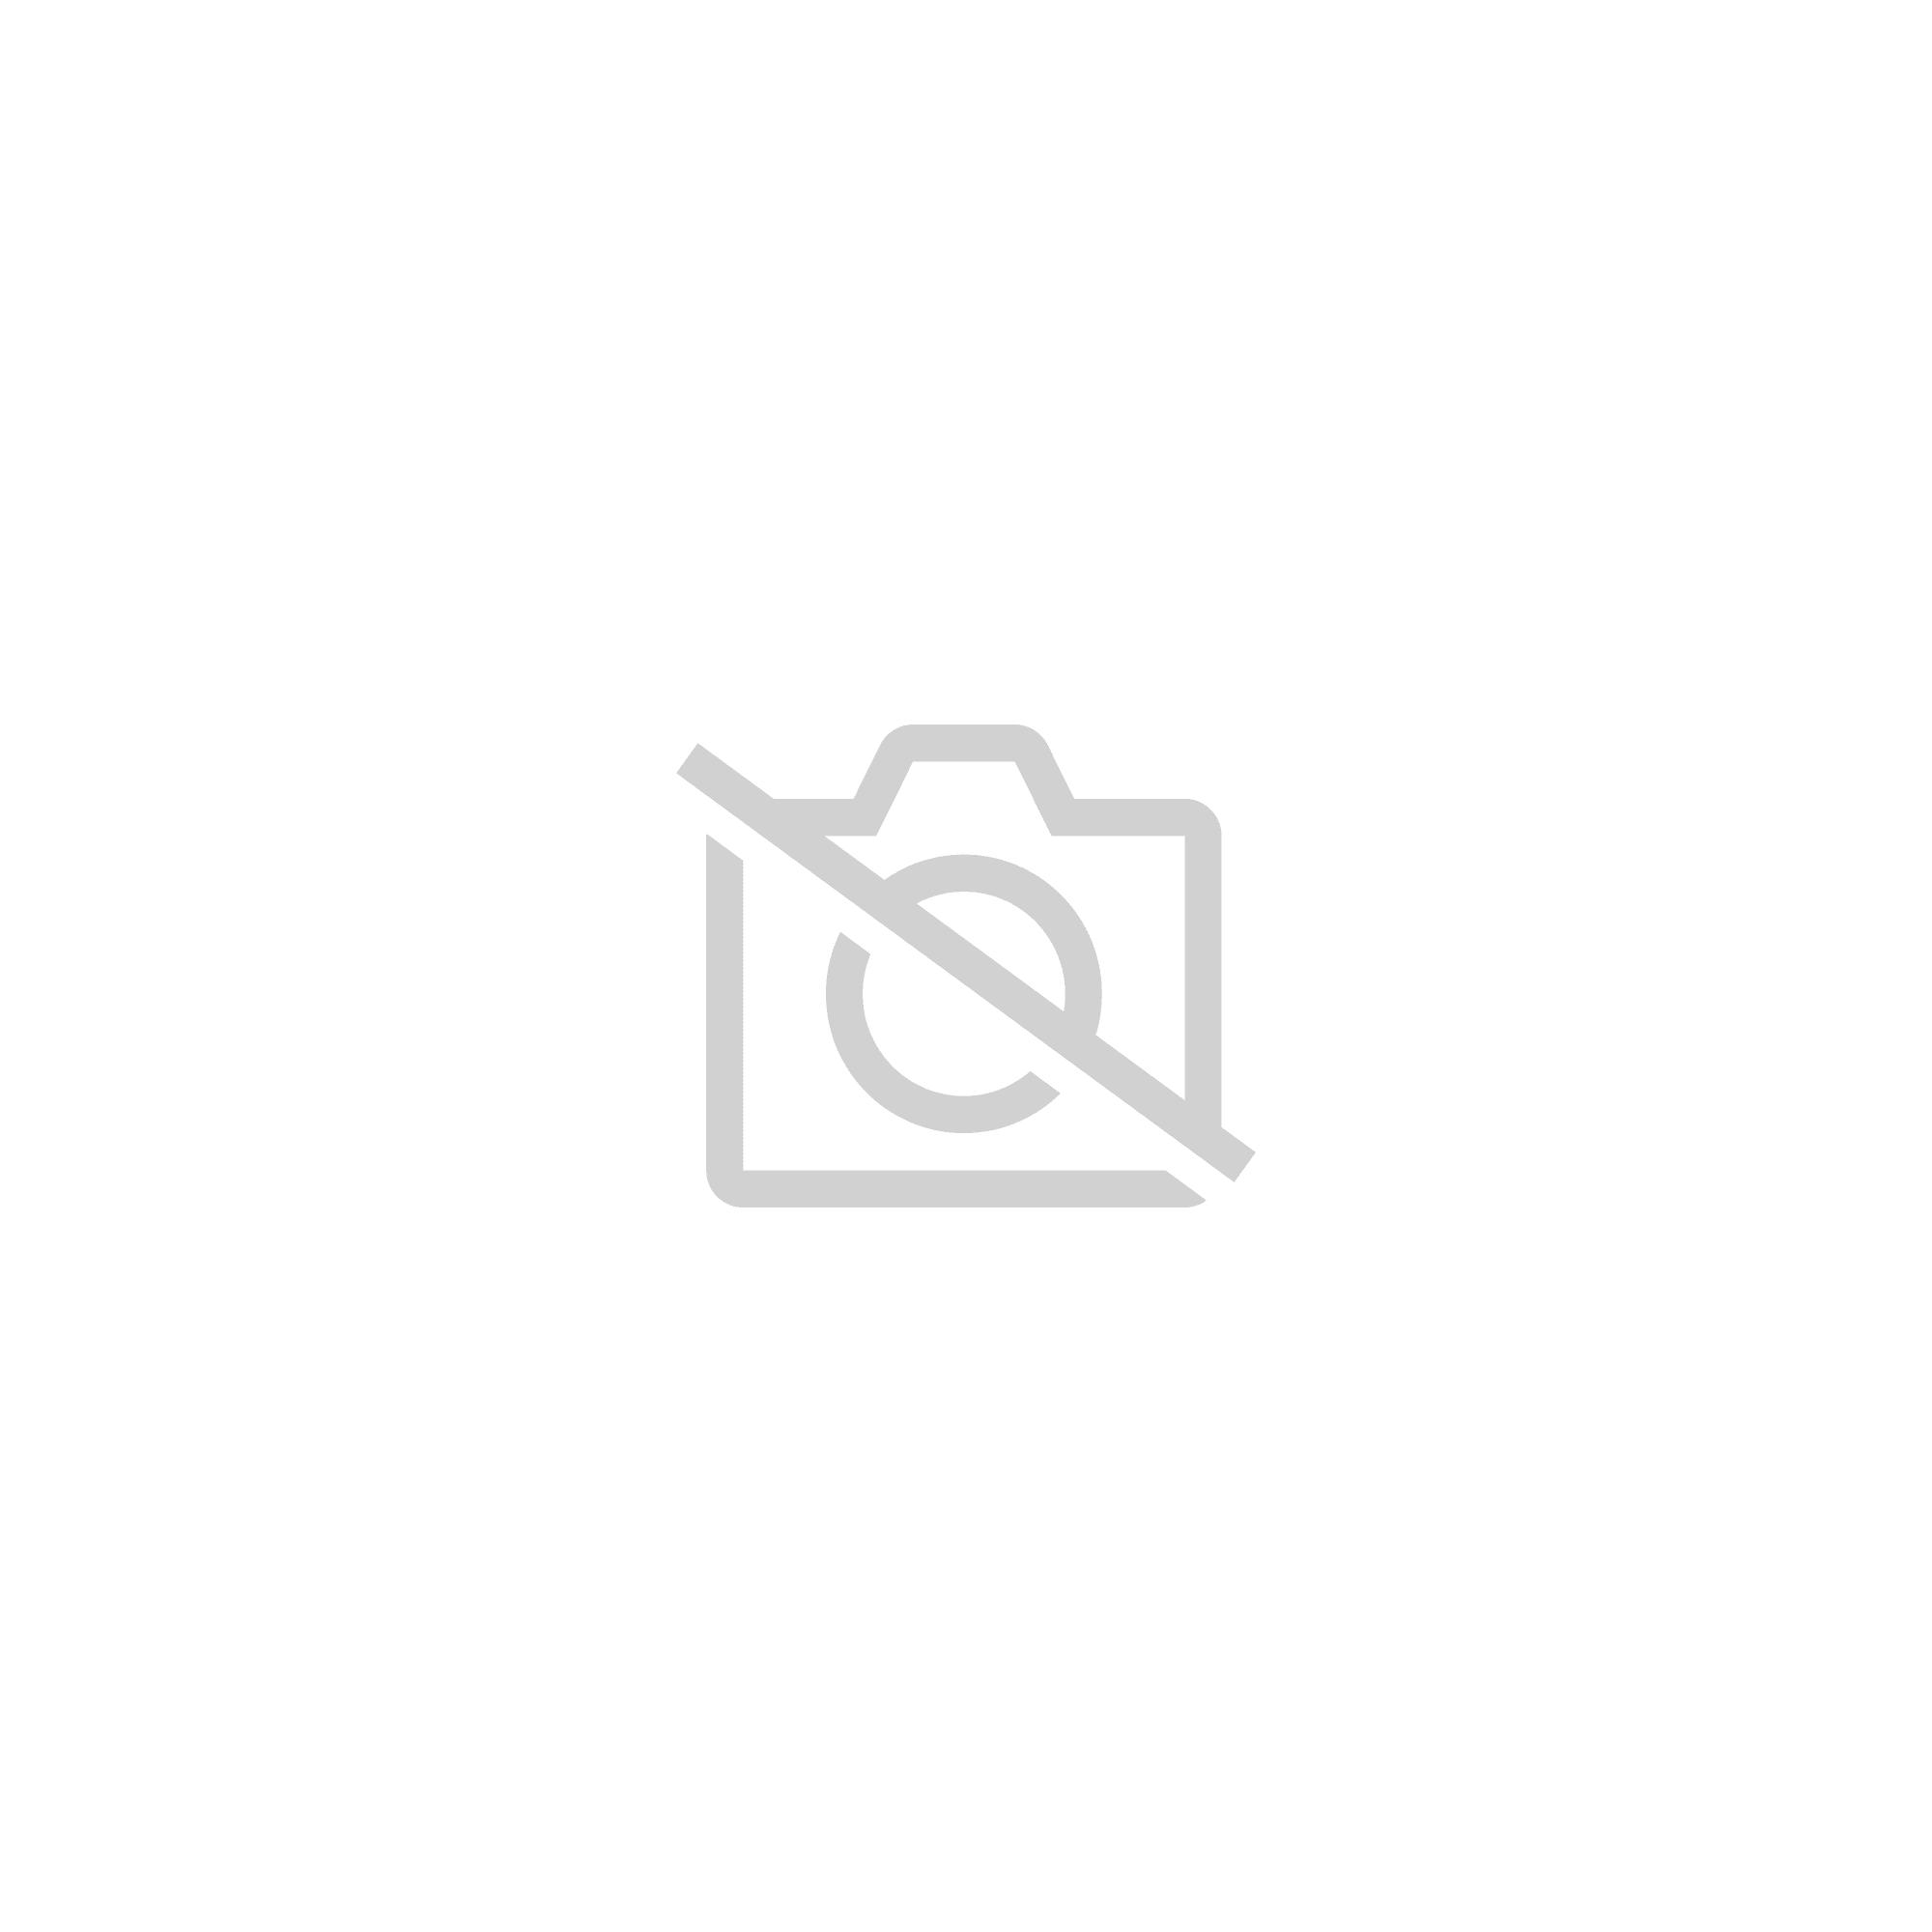 Michelin Mi Agilis Grnx